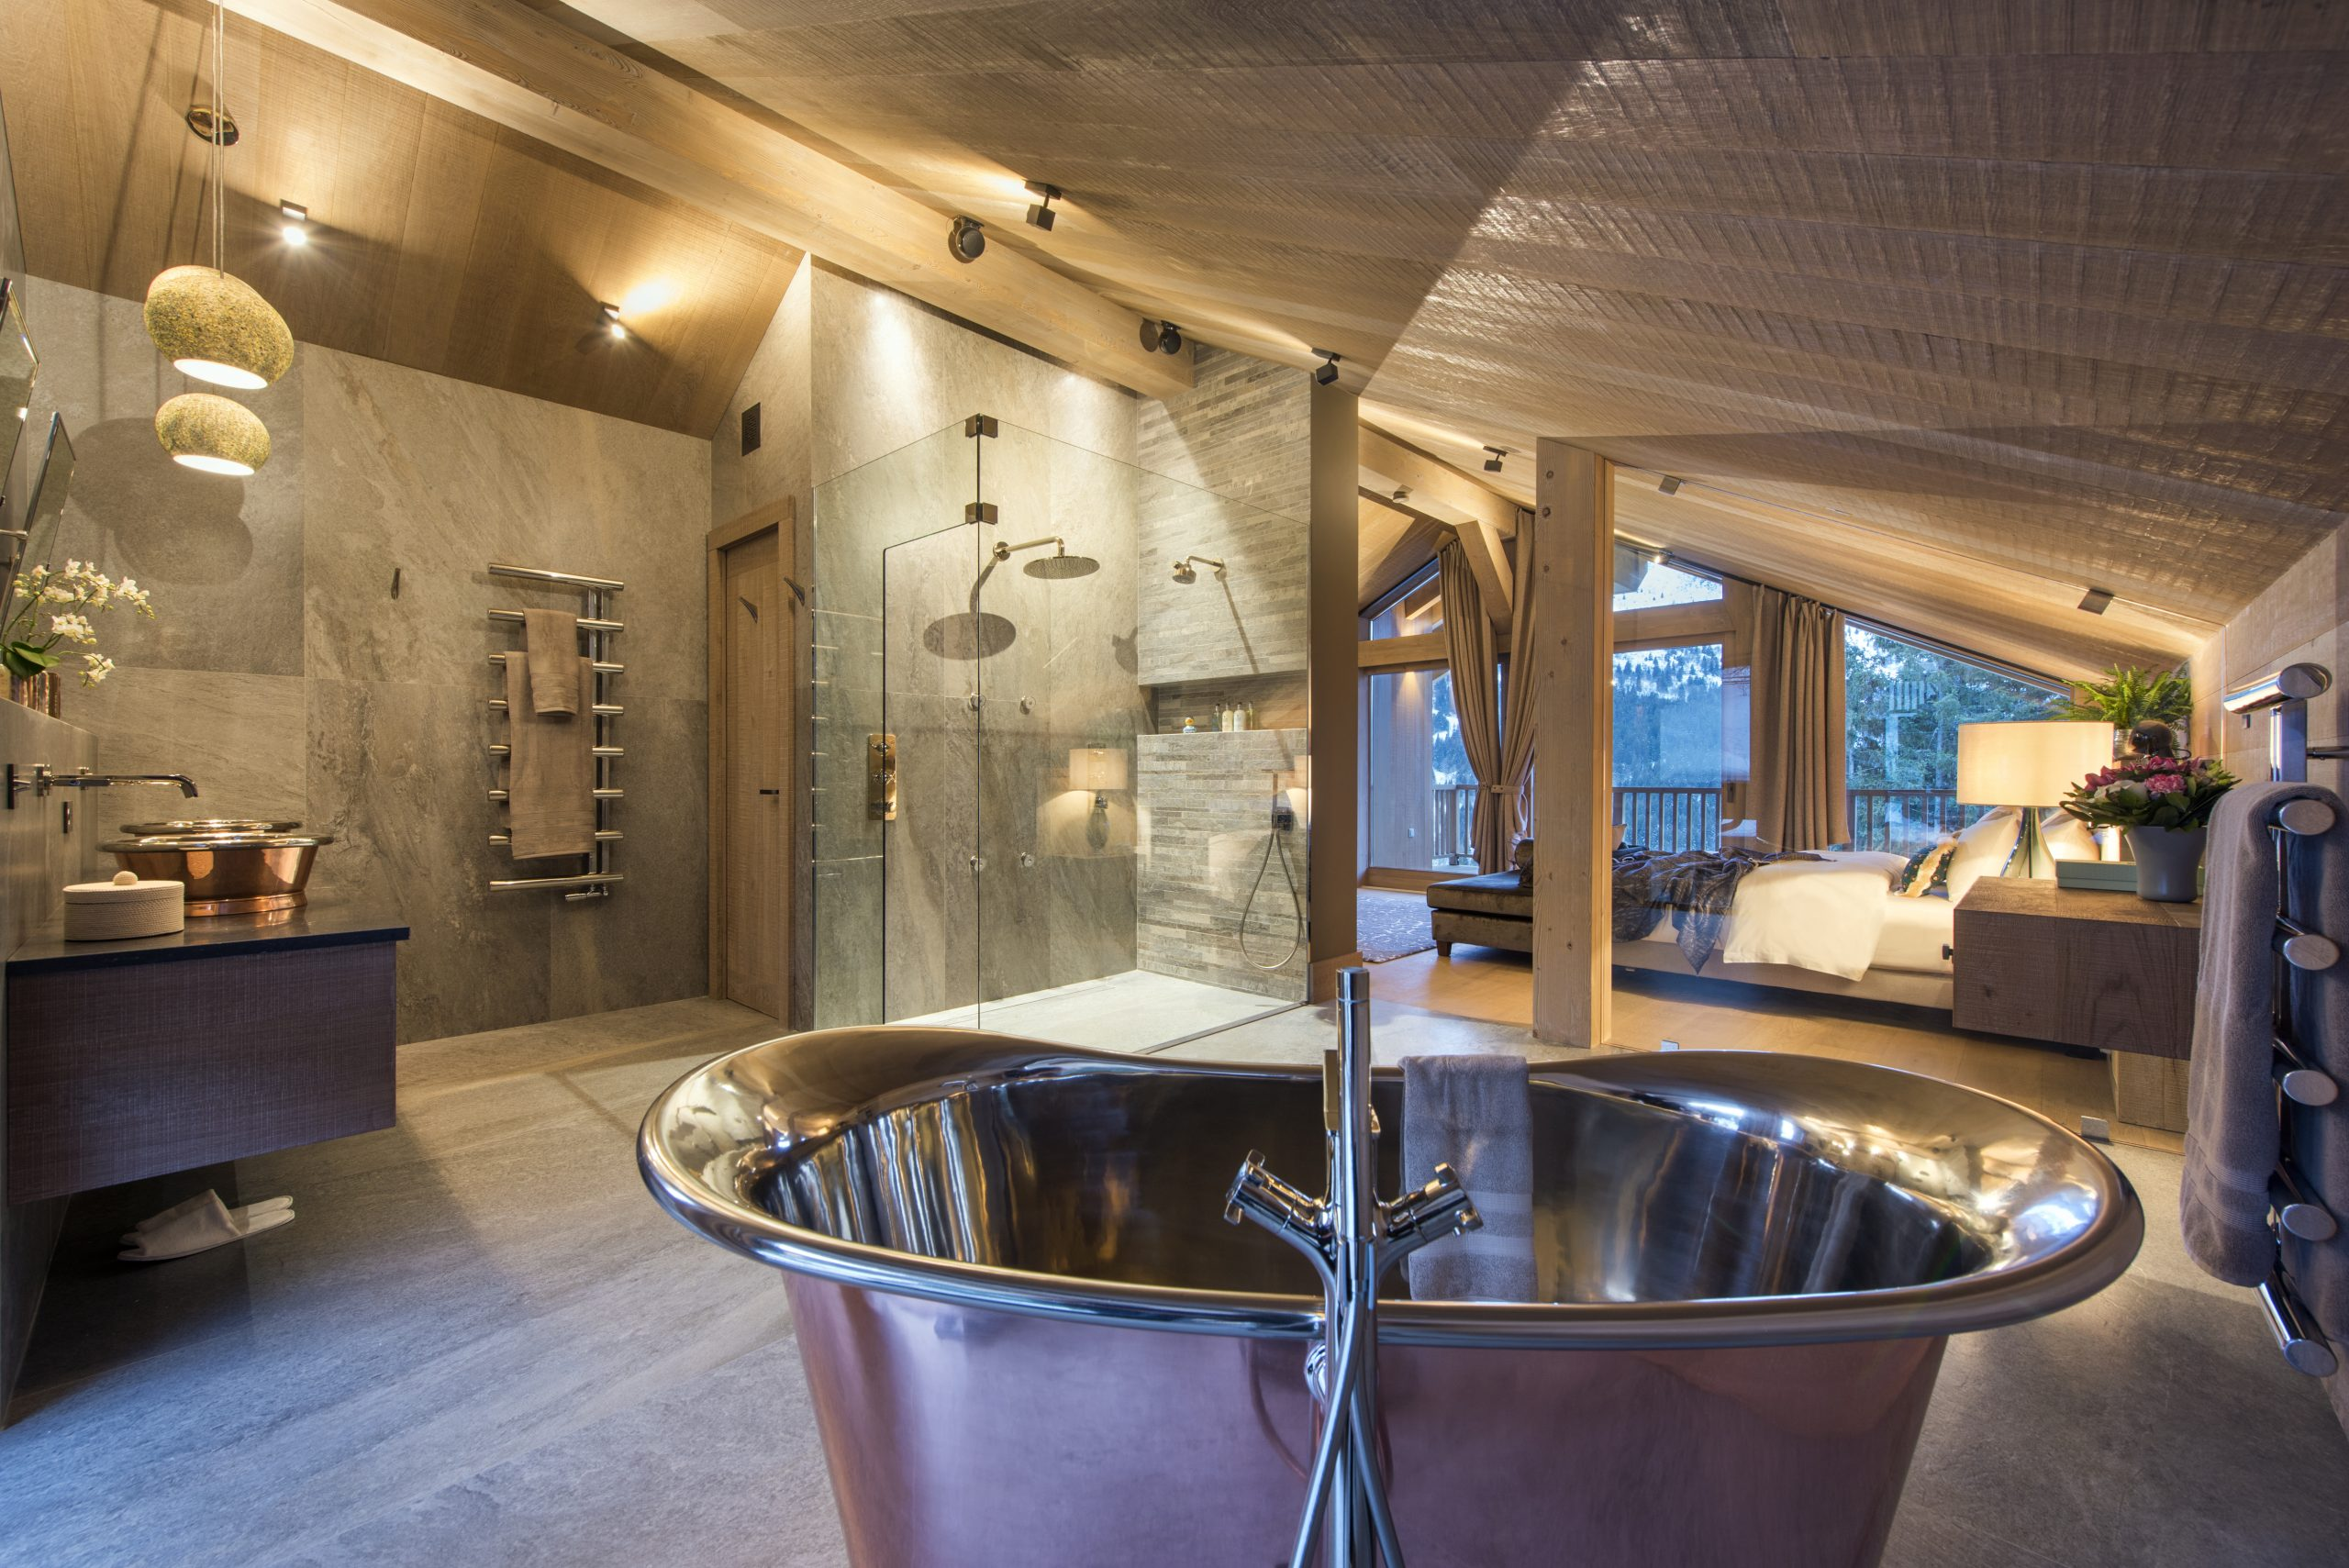 chalet alpaca luxury bath tub